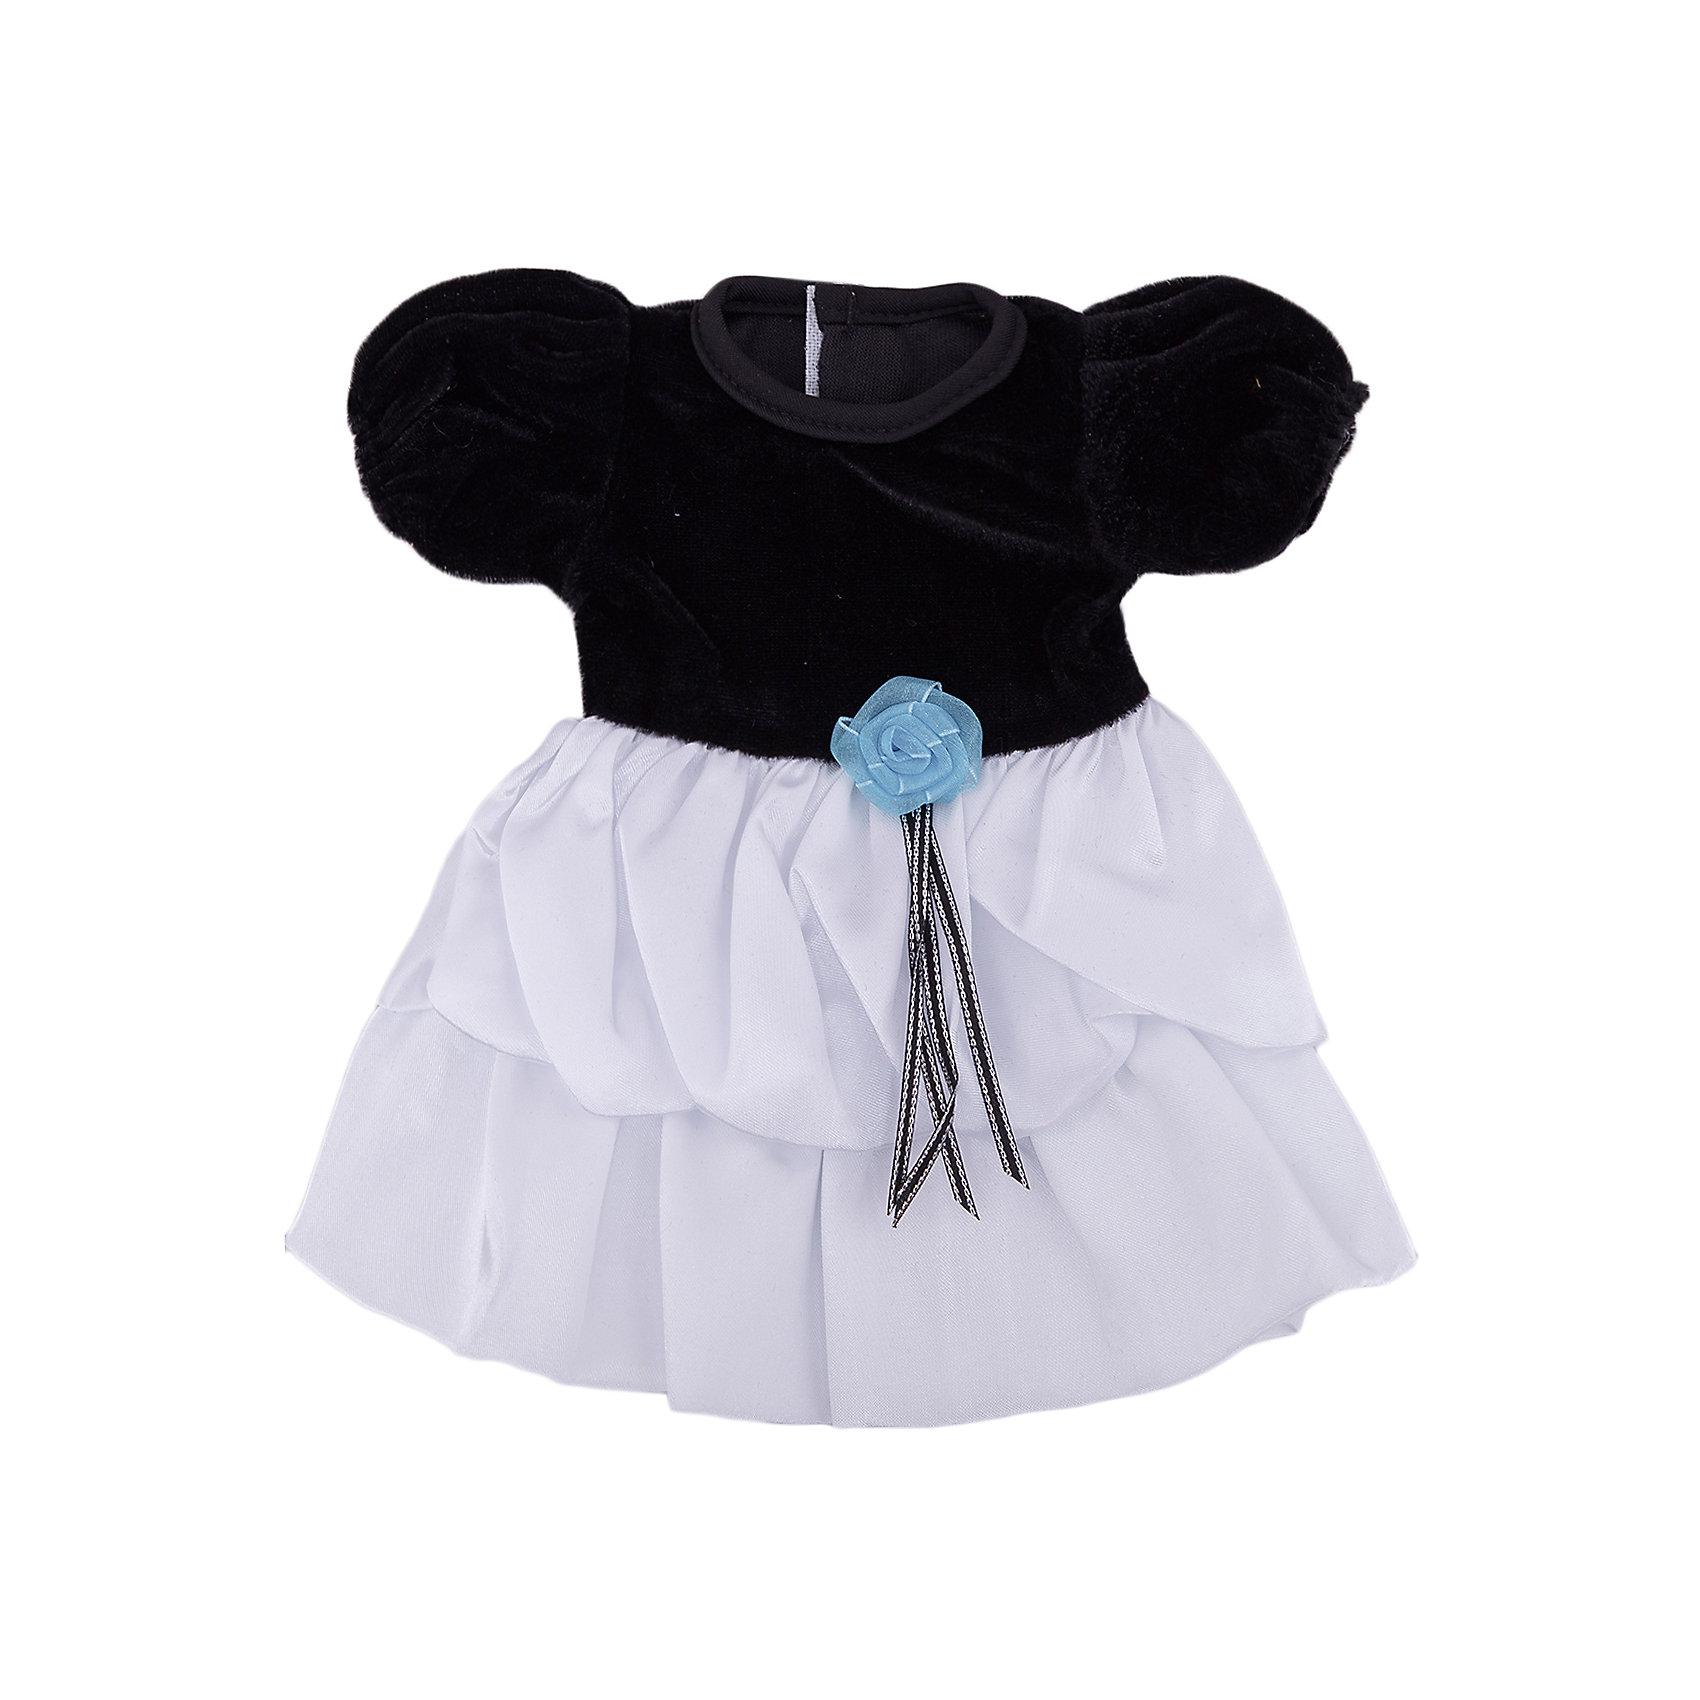 Одежда для кукол: черно-белое платье, JUNFAКукольная одежда и аксессуары<br><br><br>Ширина мм: 255<br>Глубина мм: 360<br>Высота мм: 10<br>Вес г: 77<br>Возраст от месяцев: 36<br>Возраст до месяцев: 1188<br>Пол: Женский<br>Возраст: Детский<br>SKU: 5173038